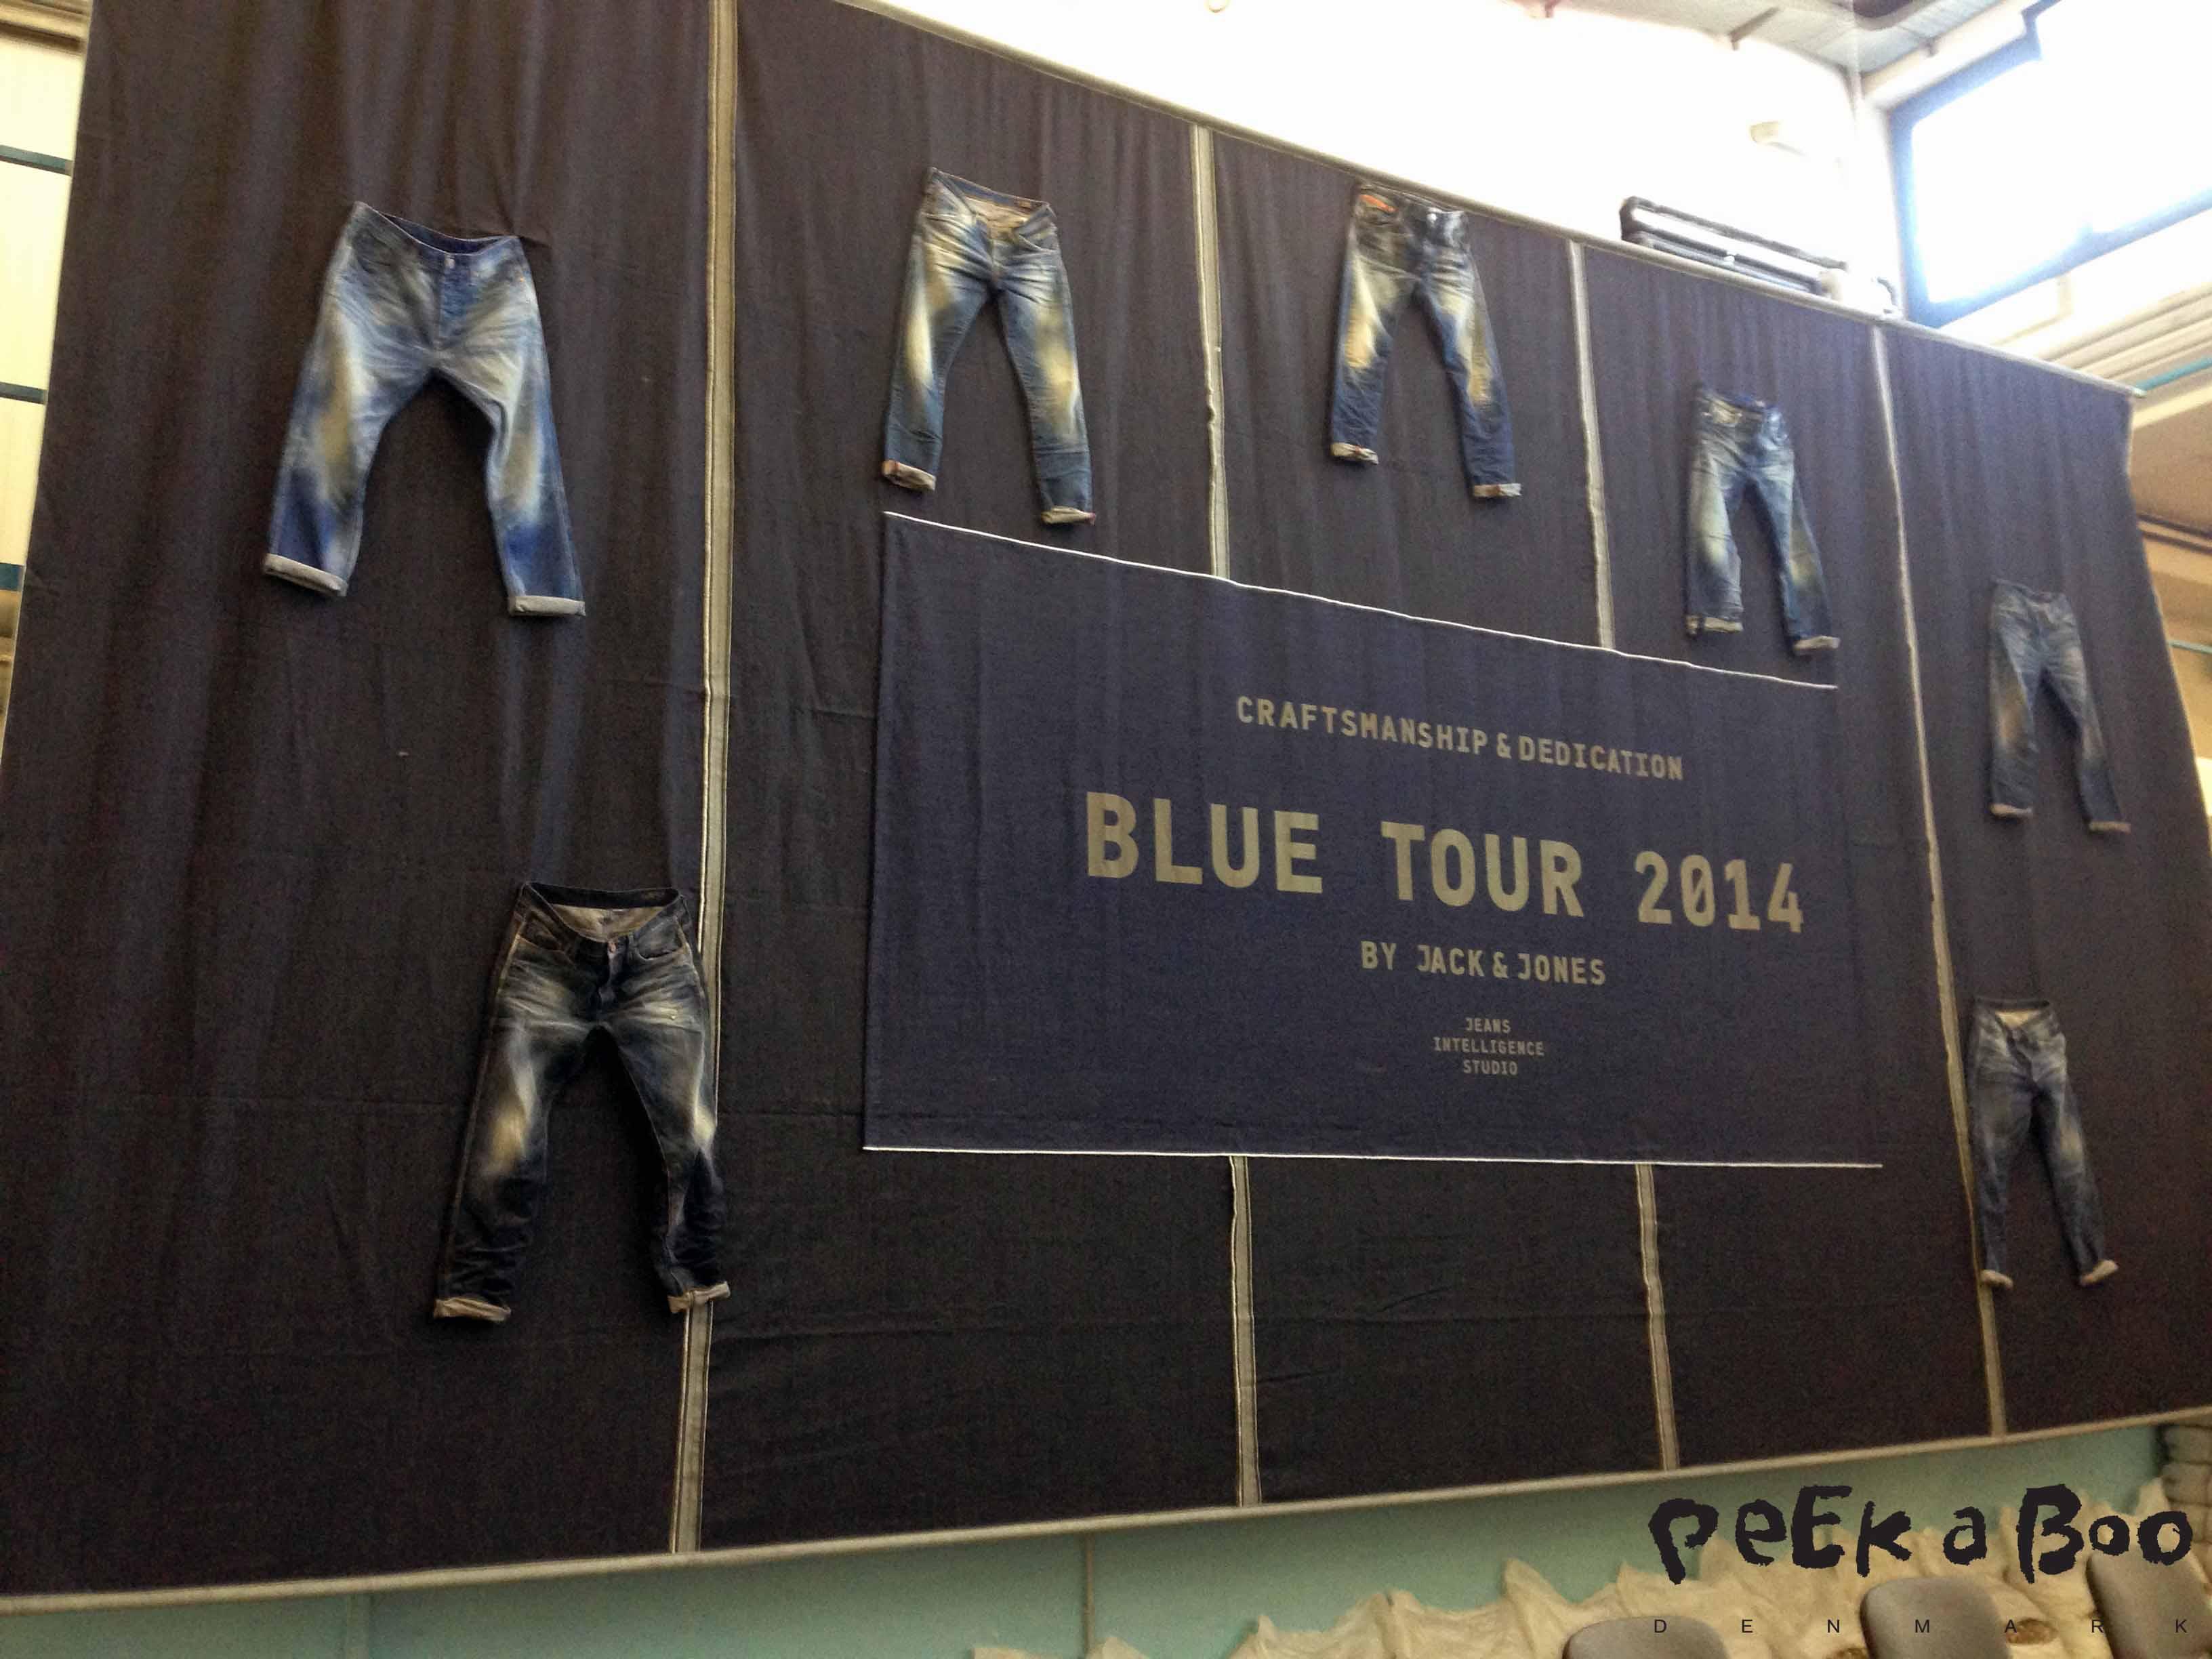 Jack & Jones blue tour 2014